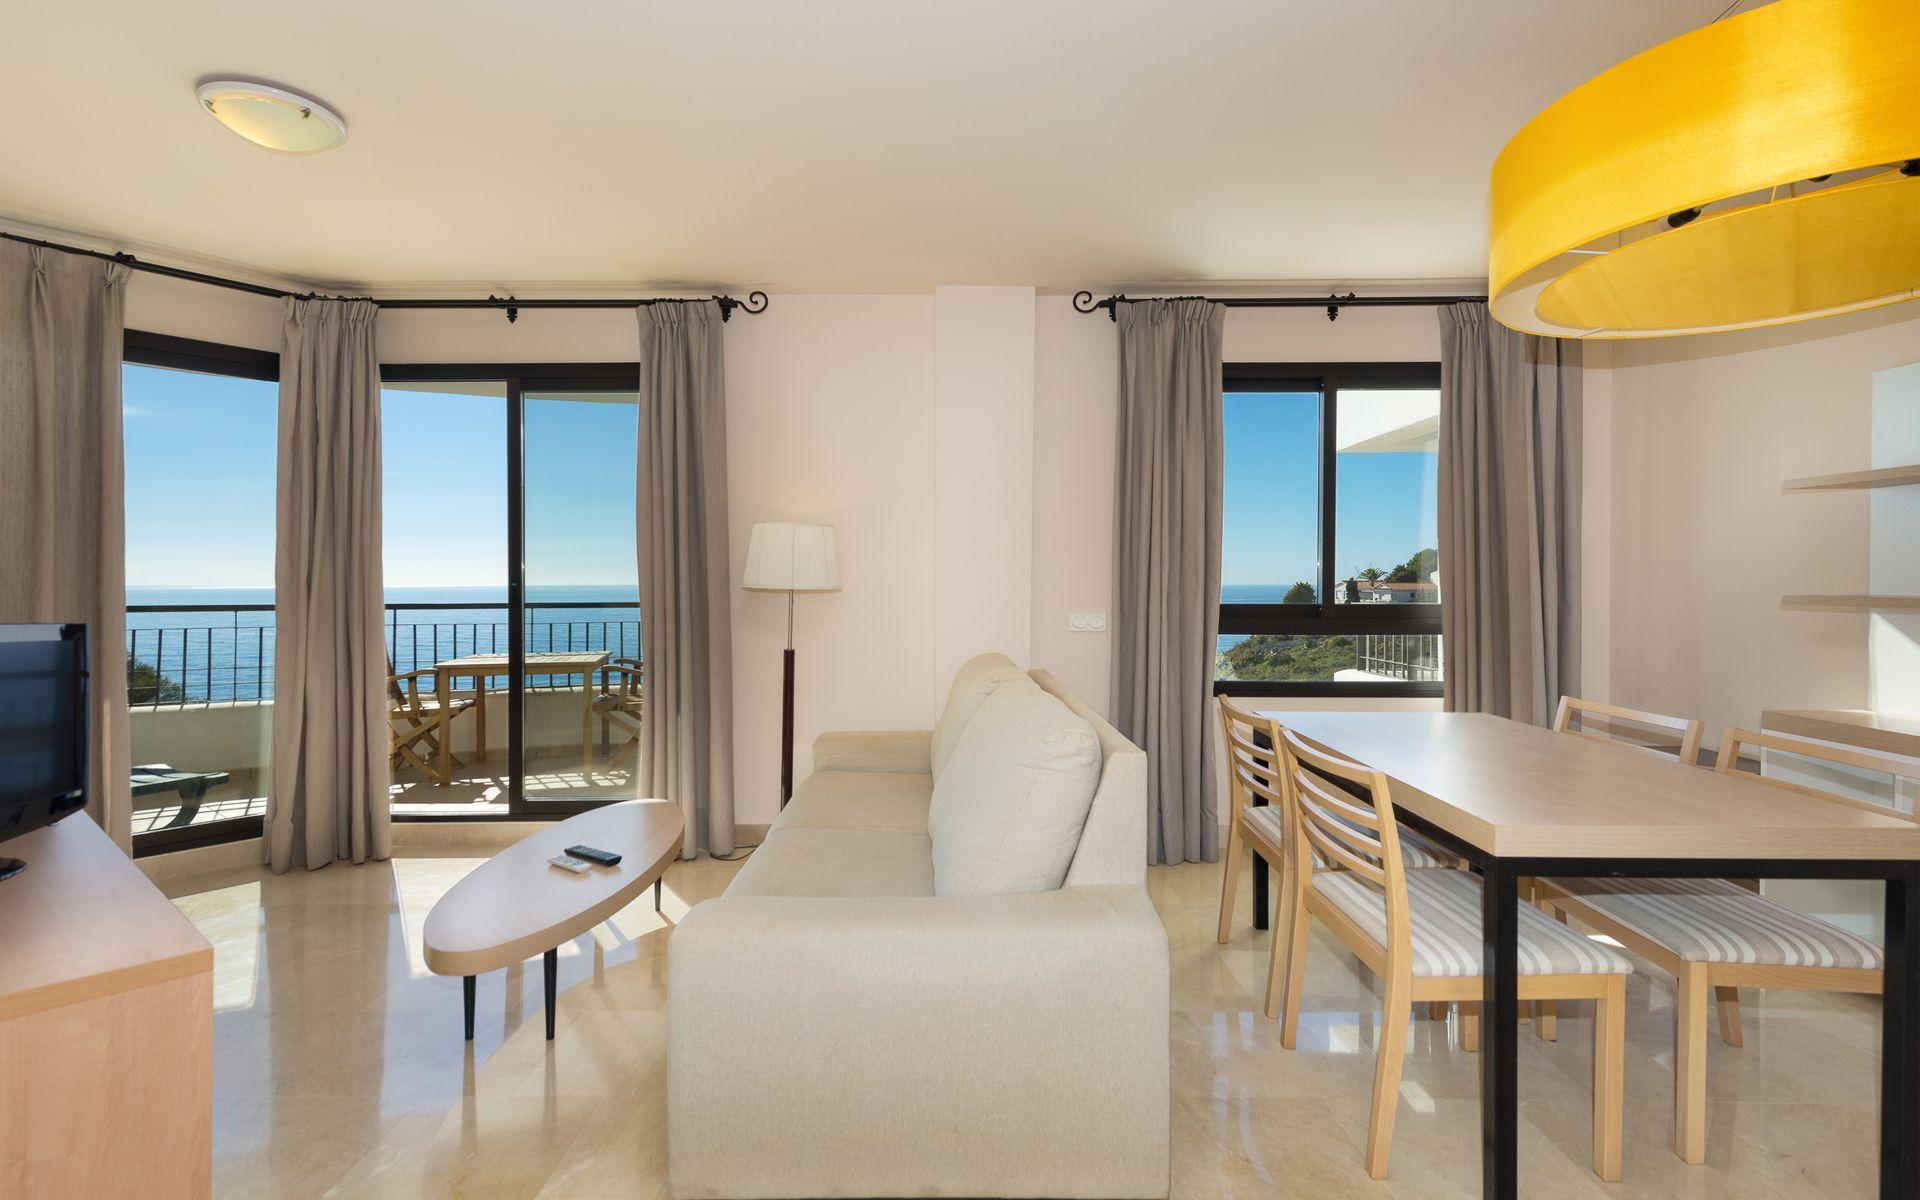 Olee Nerja Holiday Rentals By Fuerte Group